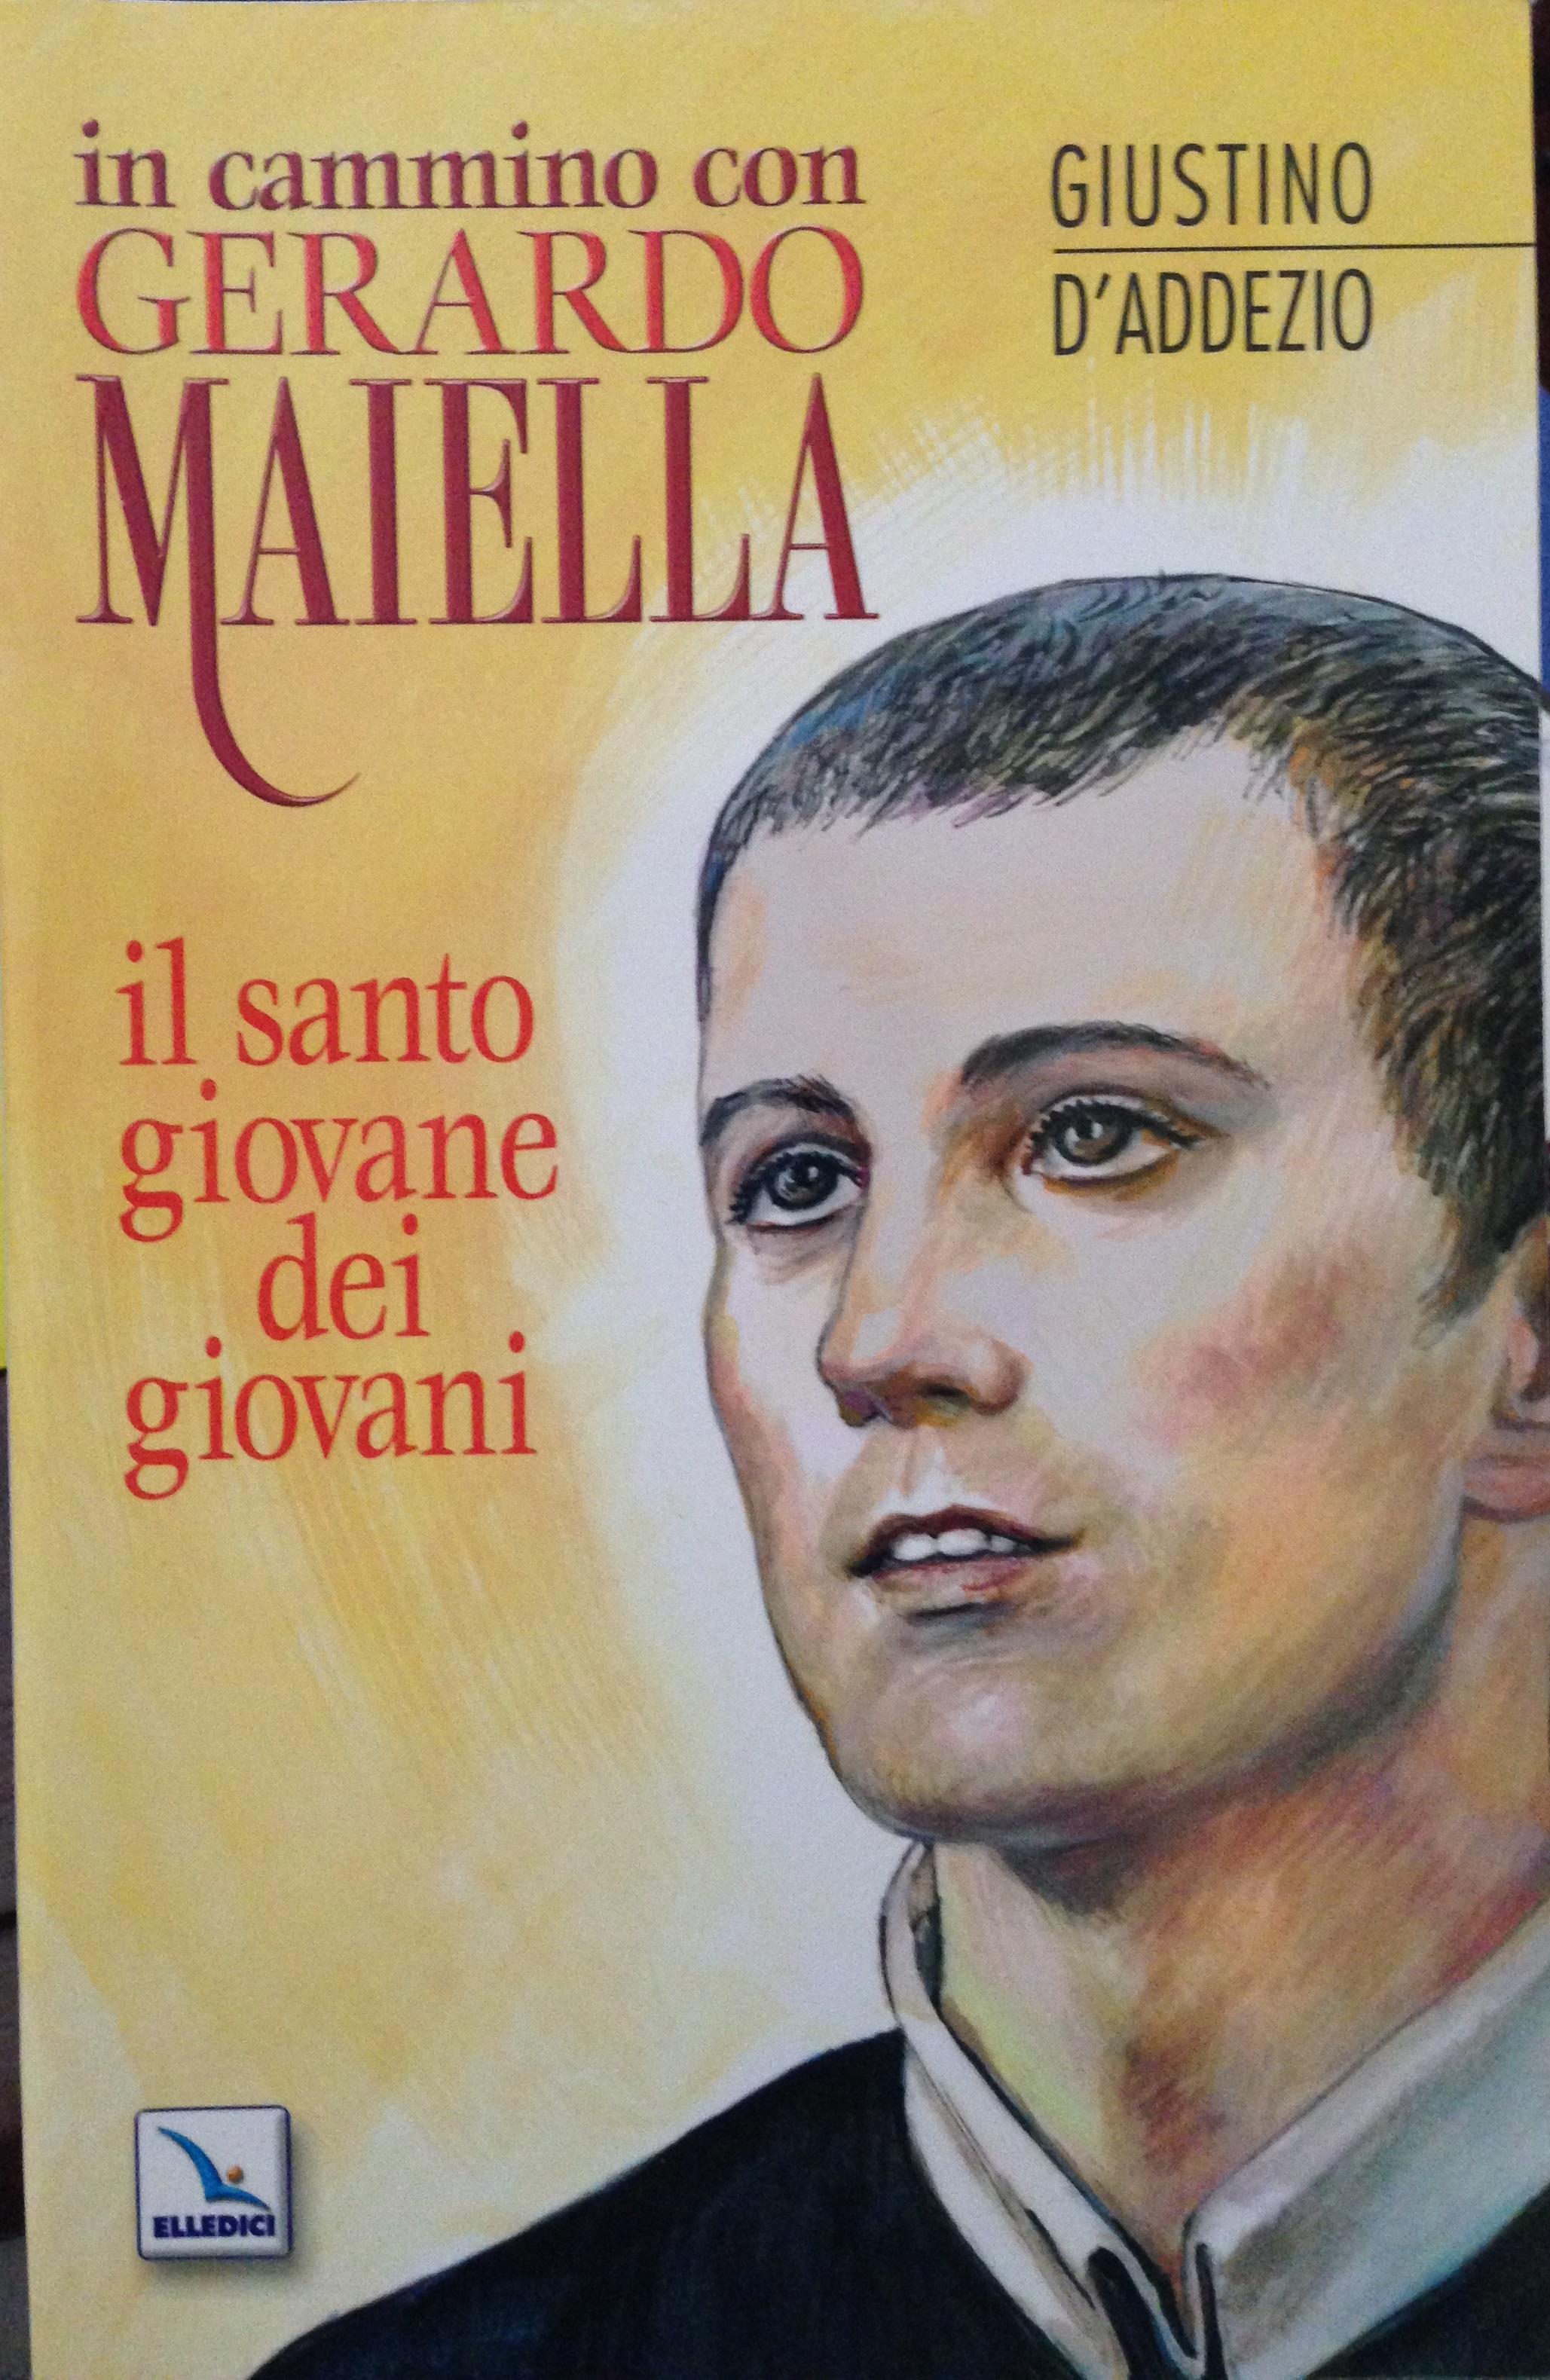 In cammino con Gerardo Maiella